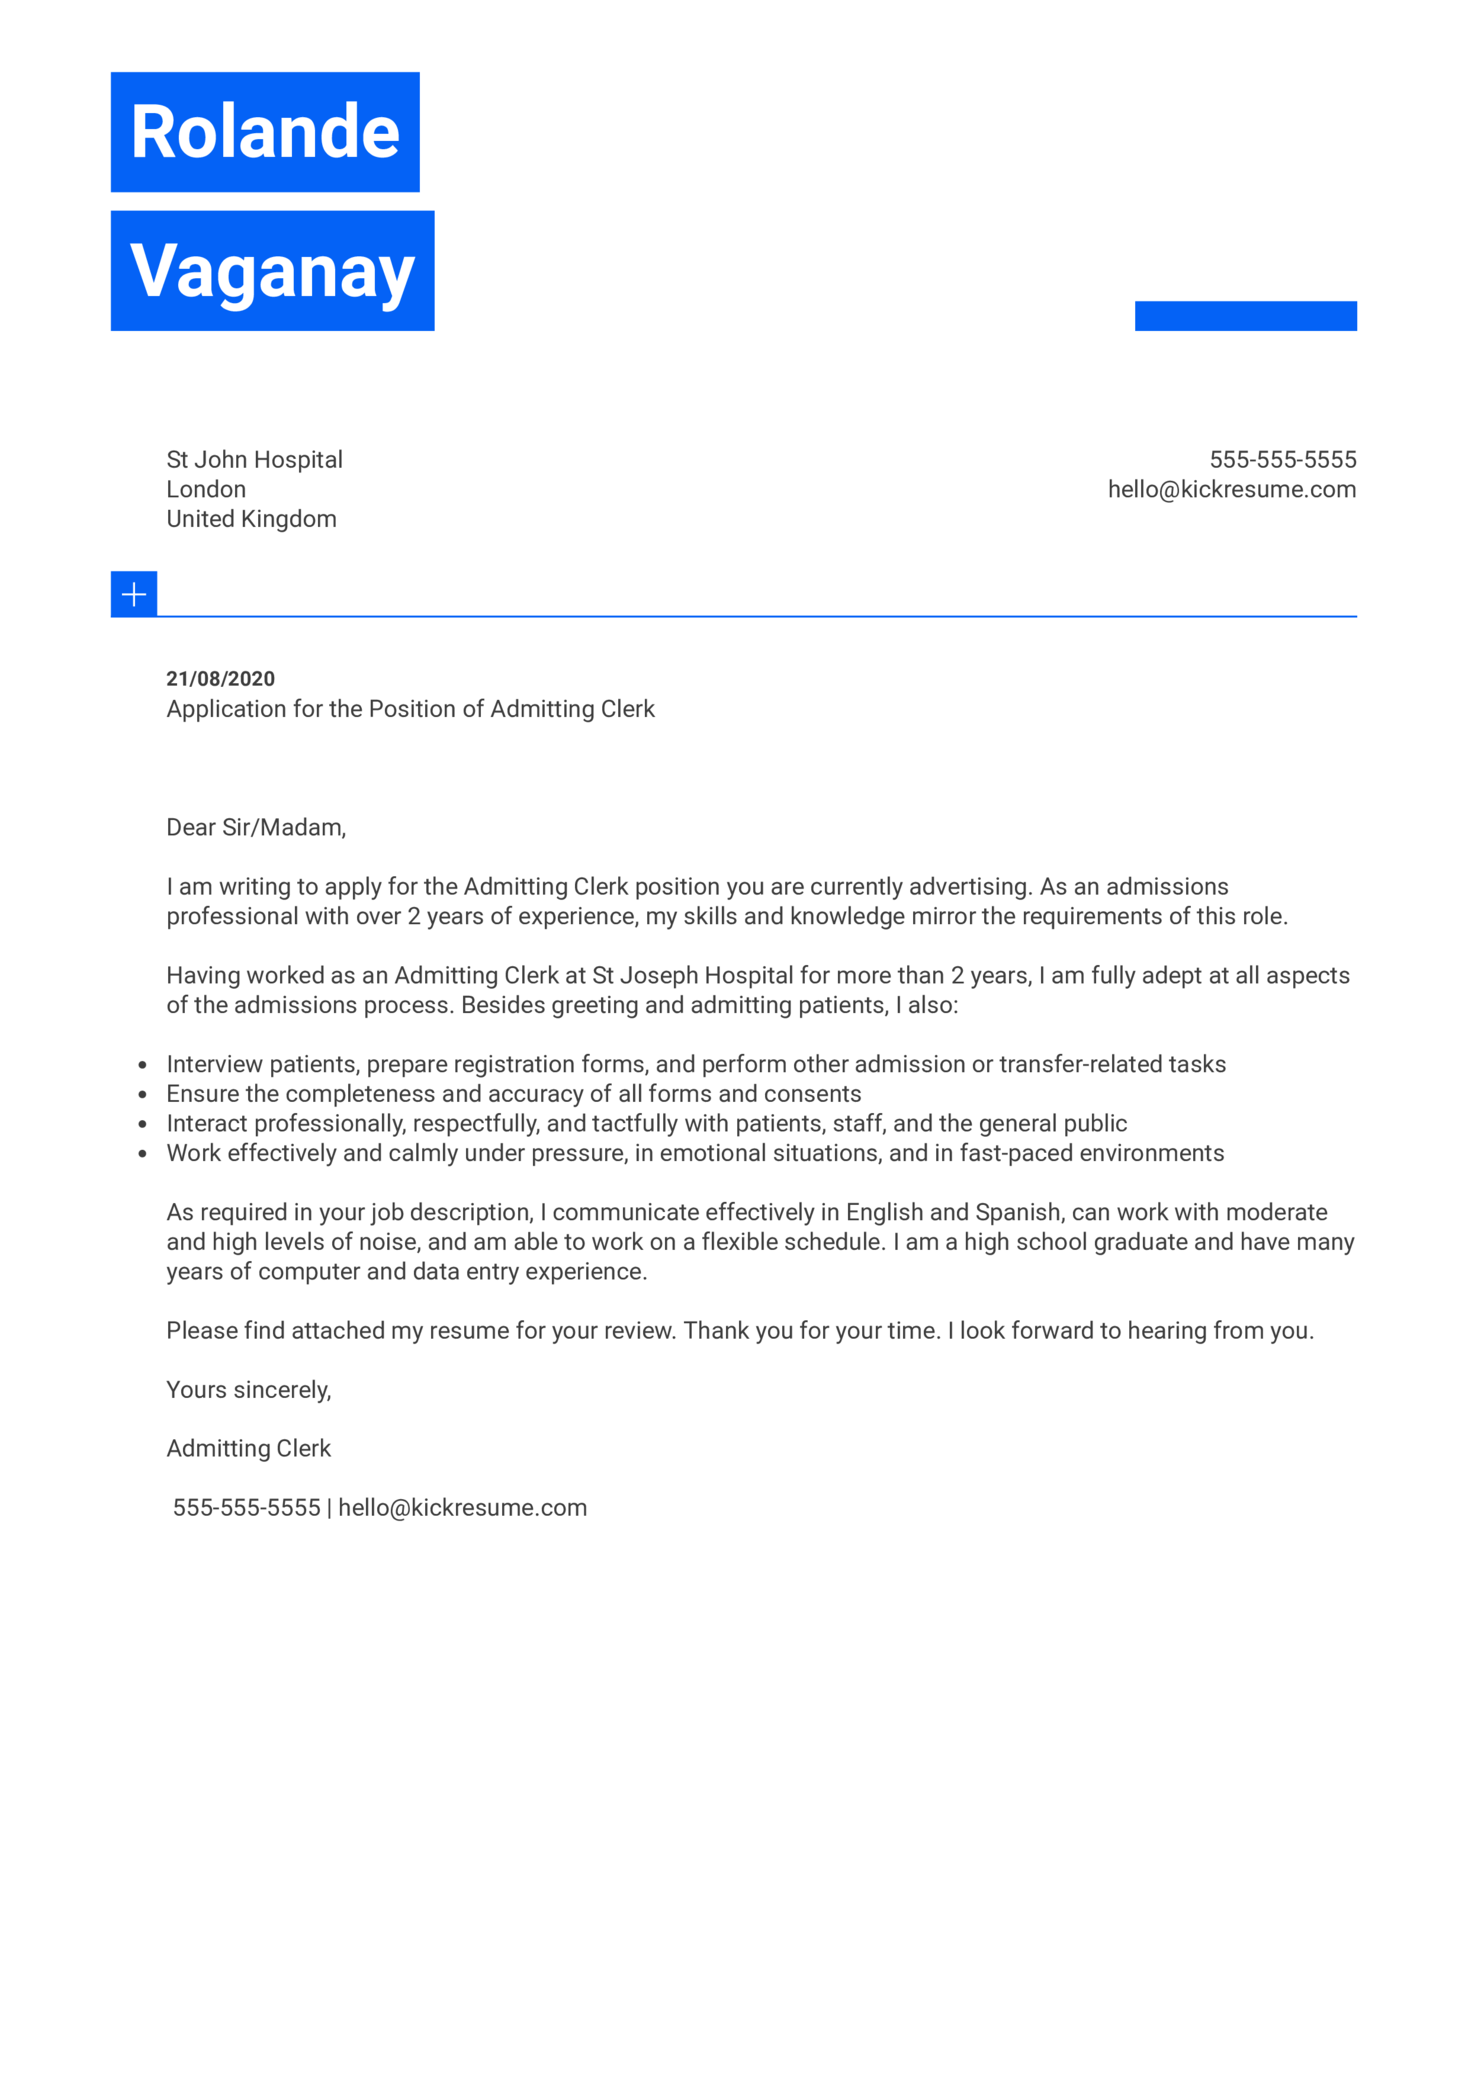 Admitting Clerk Cover Letter Sample